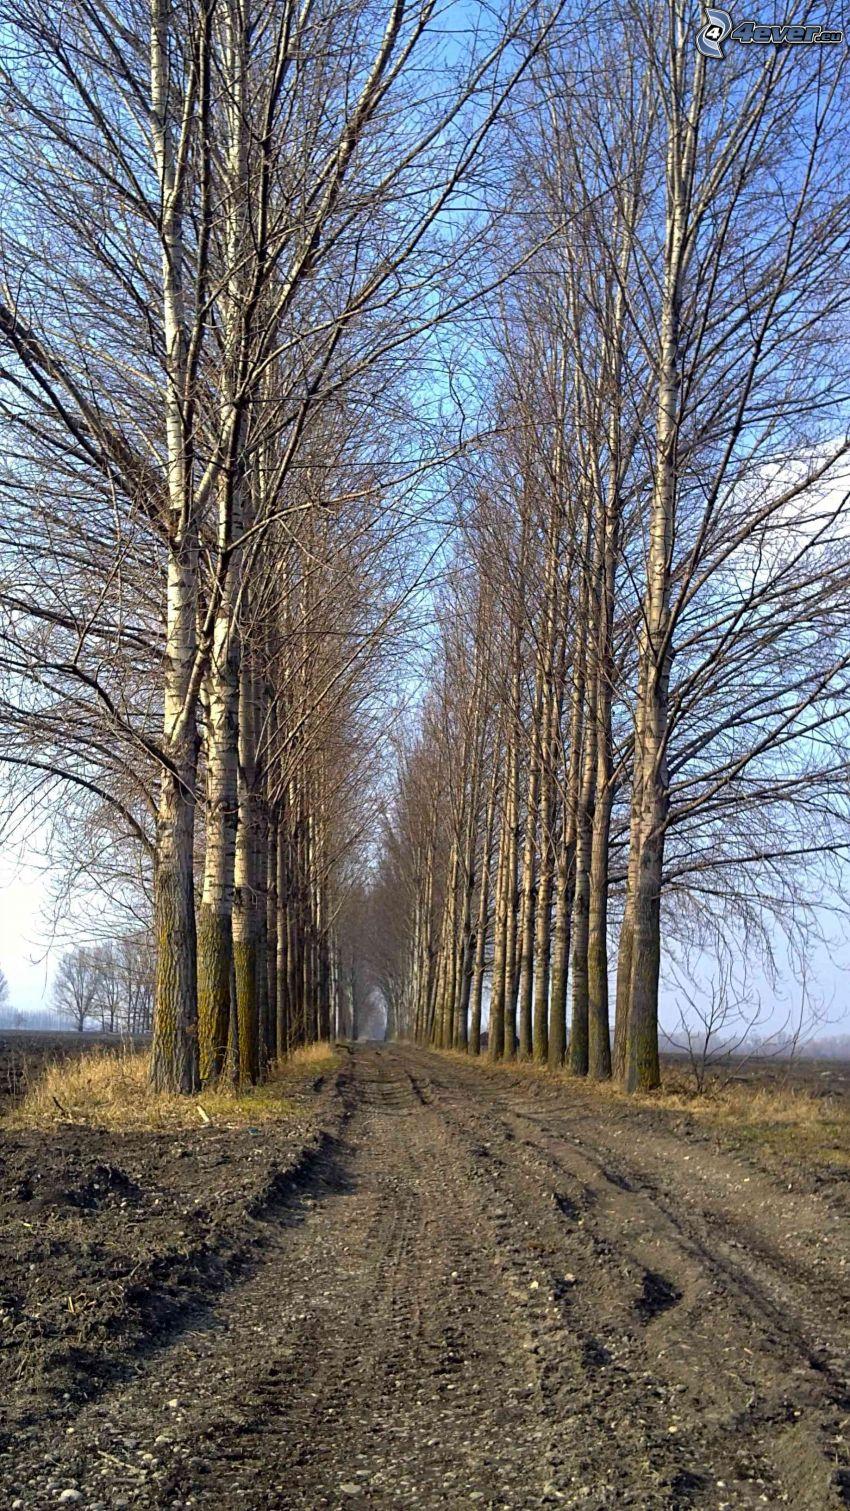 arboleda, camino de campo